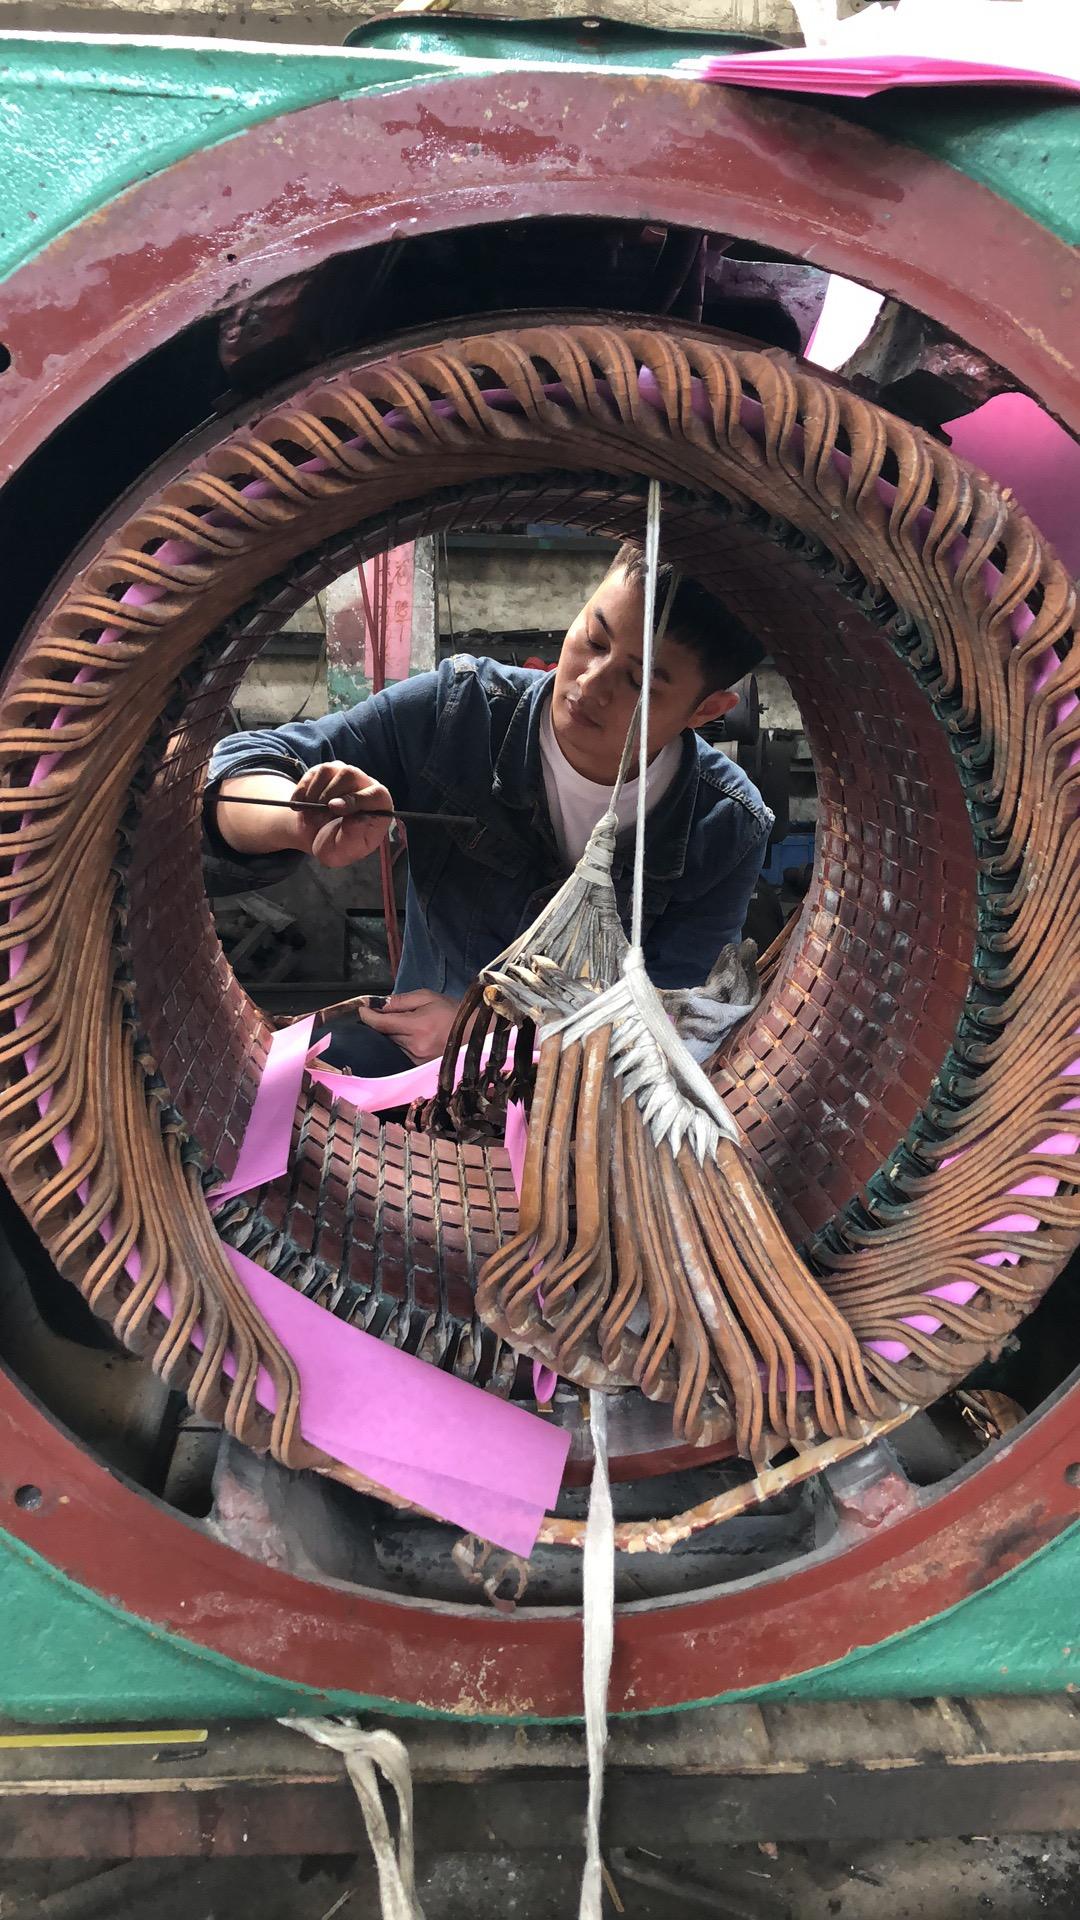 广东直流电机维修厂专业维修厂-大型电机进口电机维修中心电话